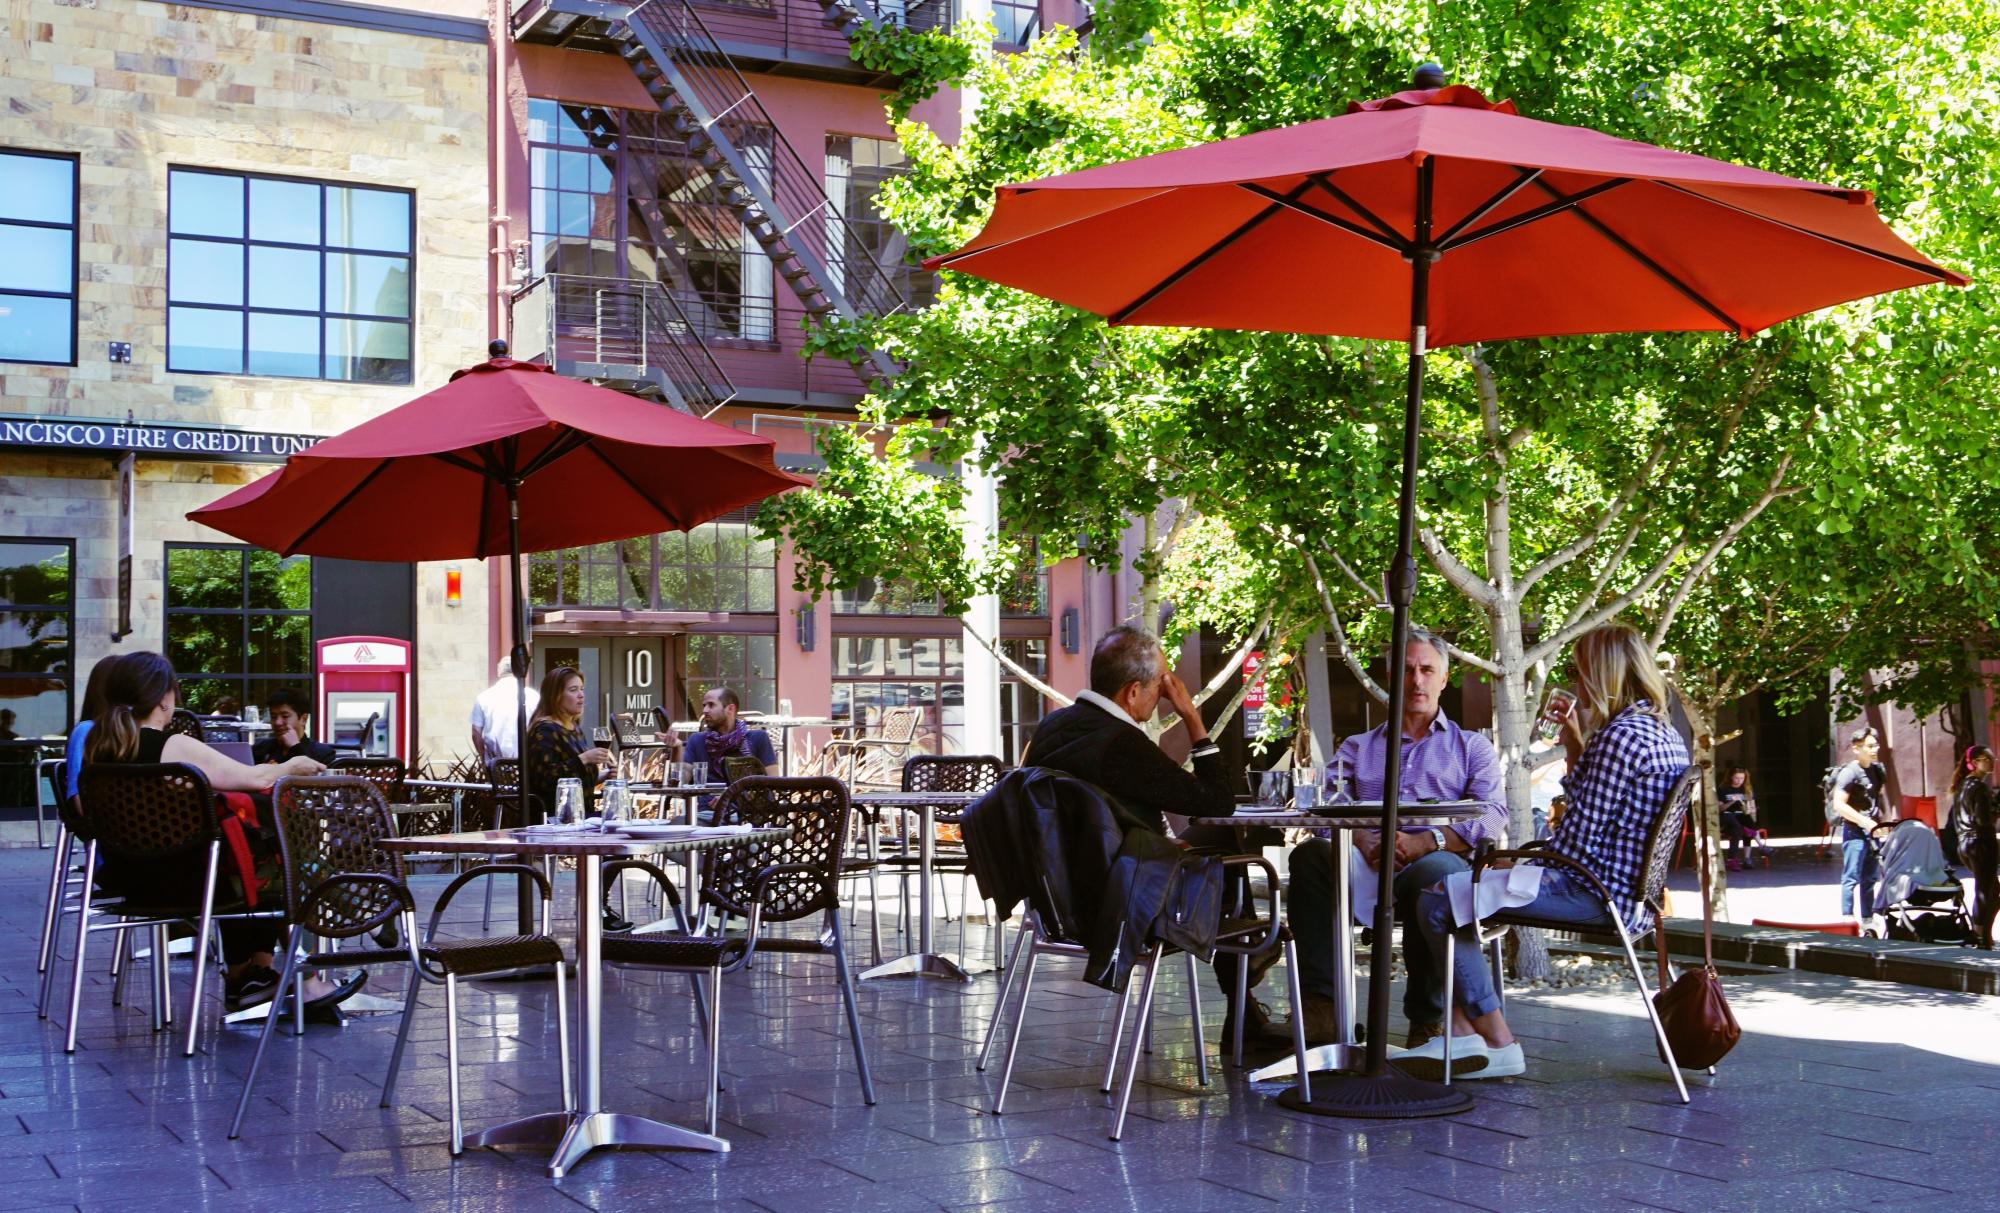 restaurante italiano perto da Union Square